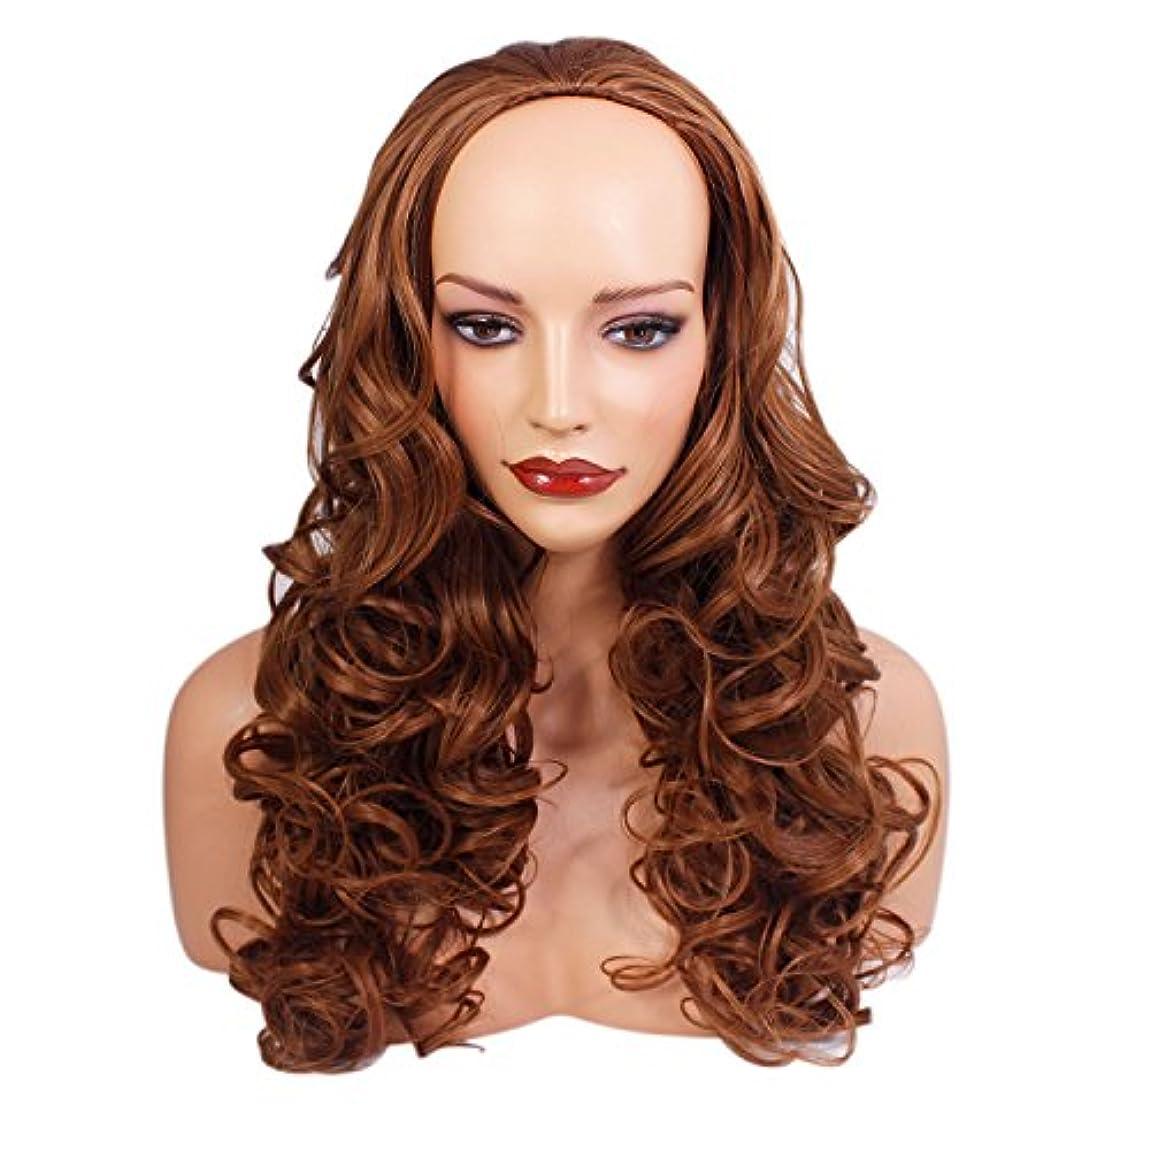 販売員制限する累計レディース3/4ハーフウィッグ - チェスナッツブラウン - カーリースタイル - 22インチ - 250g - 耐熱性合成繊維 - ヘアピースエクステンションのクリップ - ルックスとエレガントによる本物の髪のような雰囲気